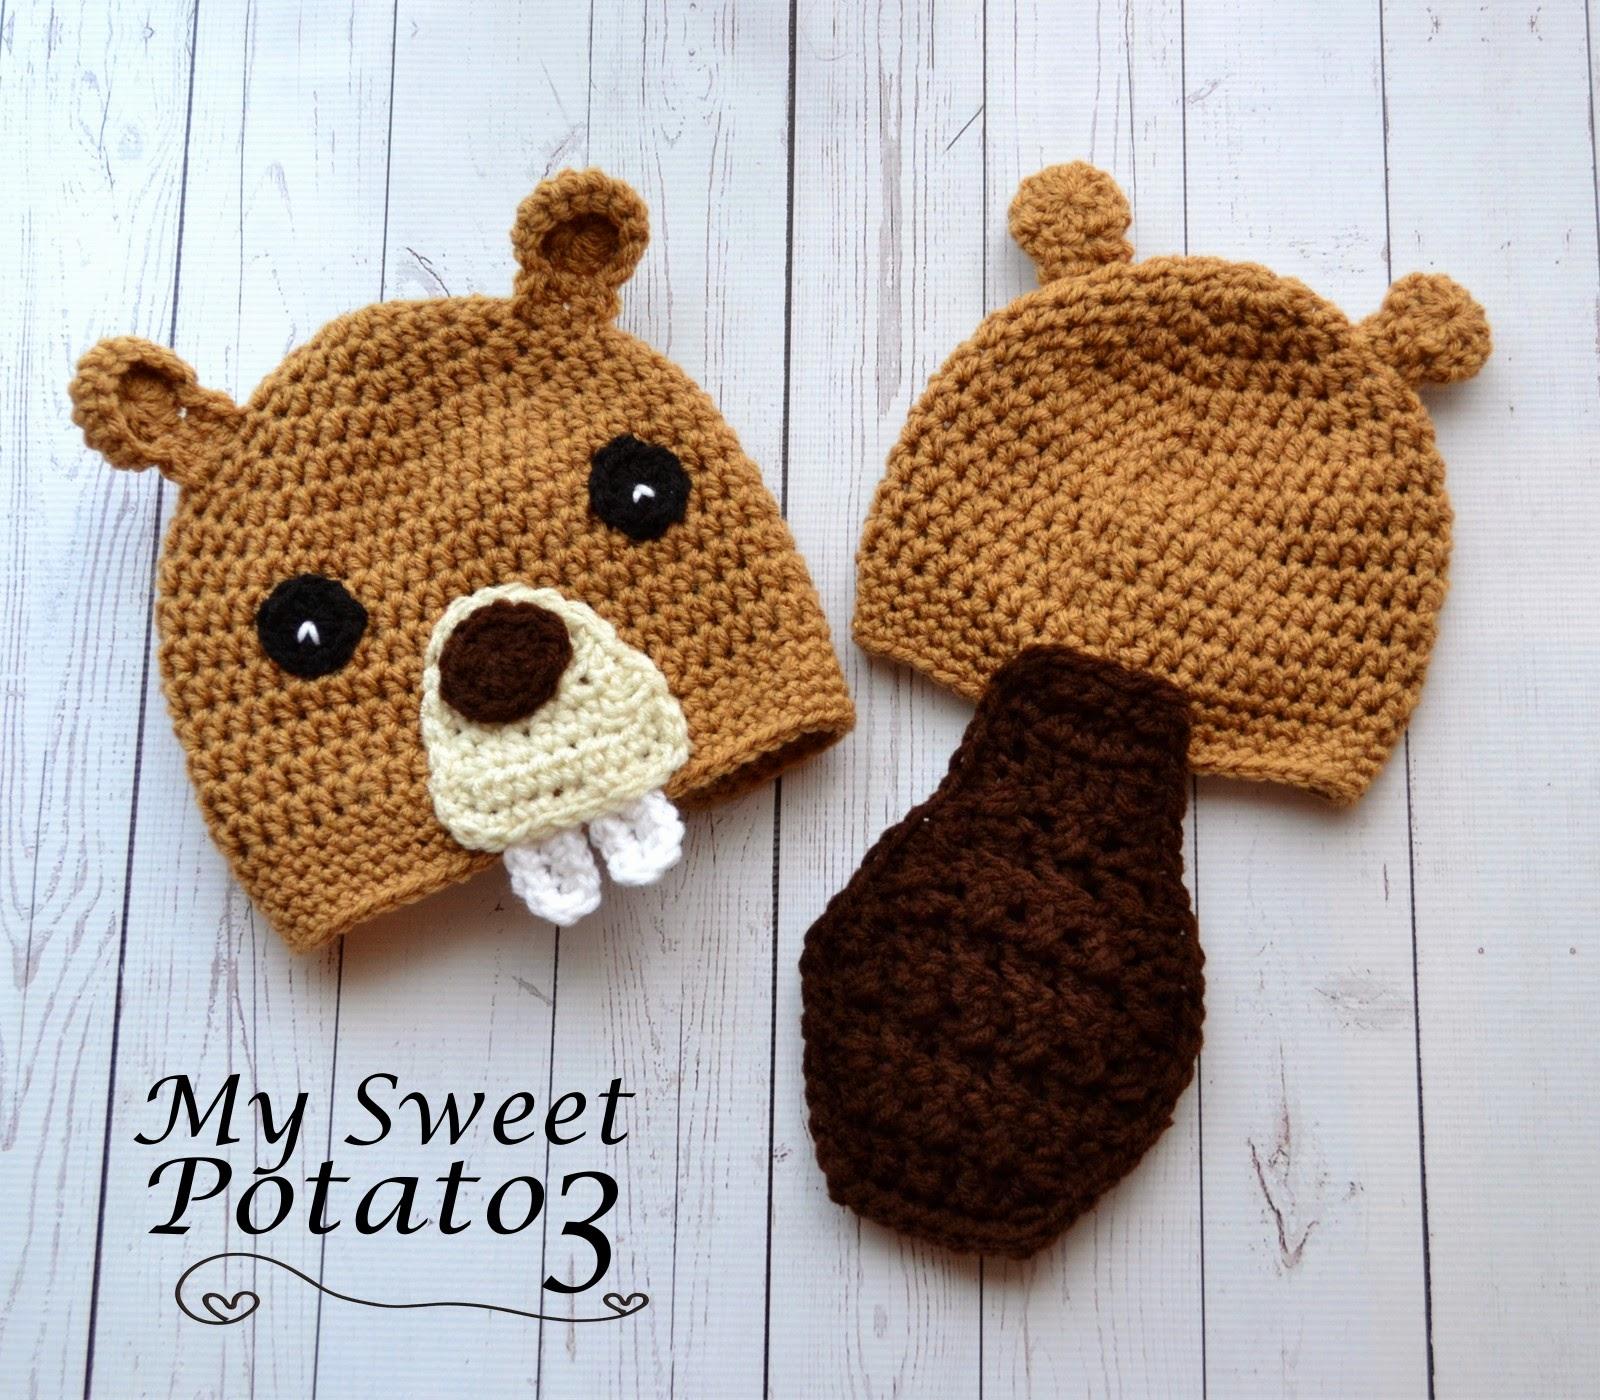 Beaver Hat Pattern Release - Sweet Potato 3